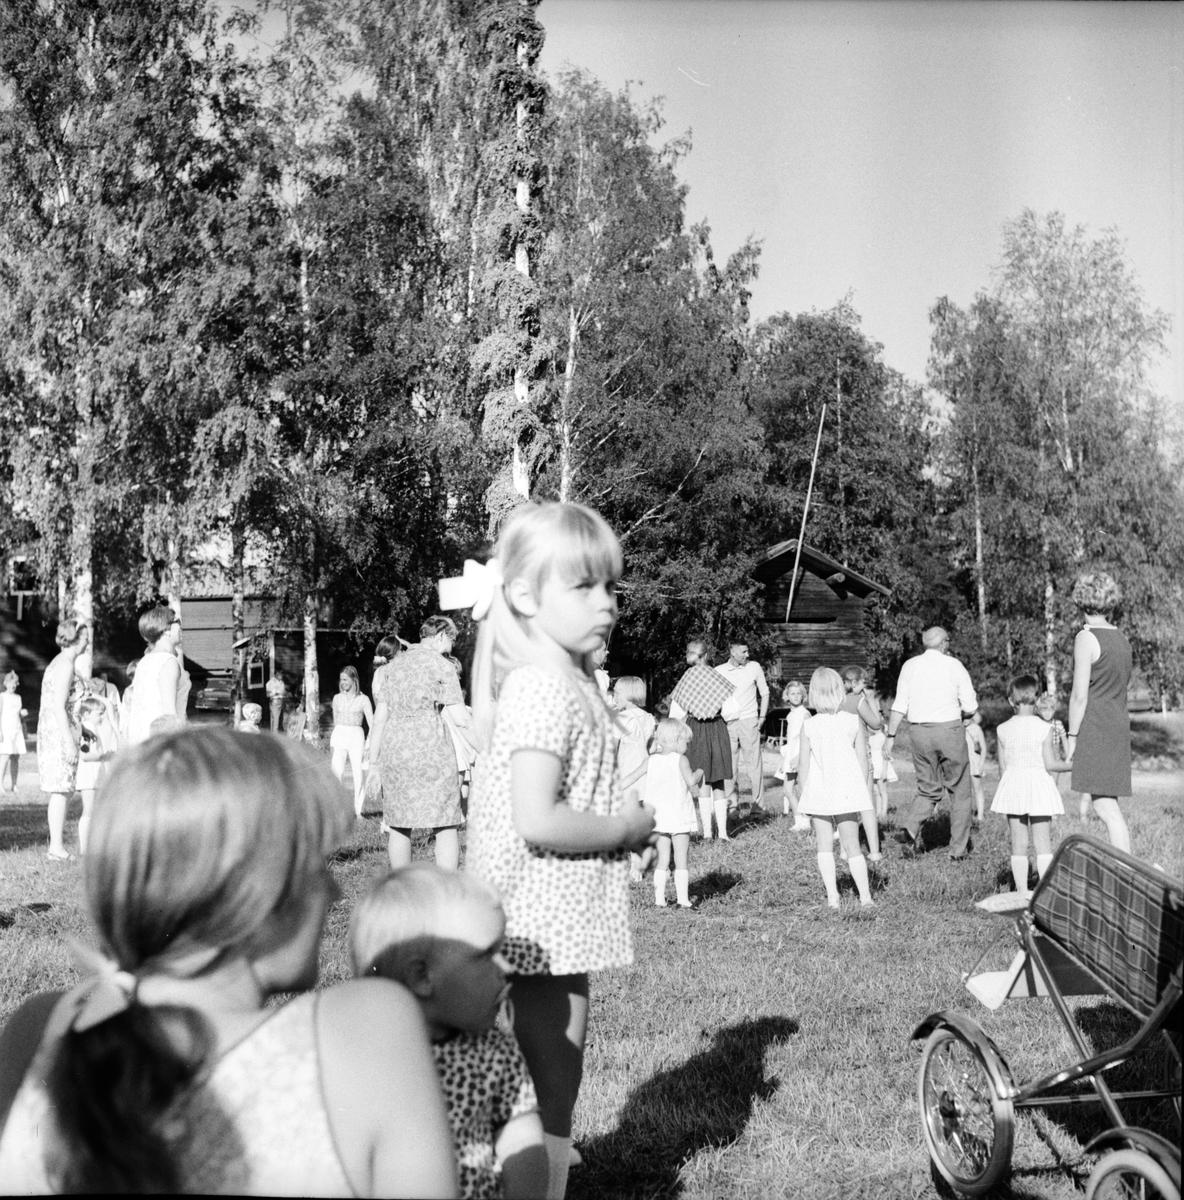 Arbrå, Midsommarfest, 1969